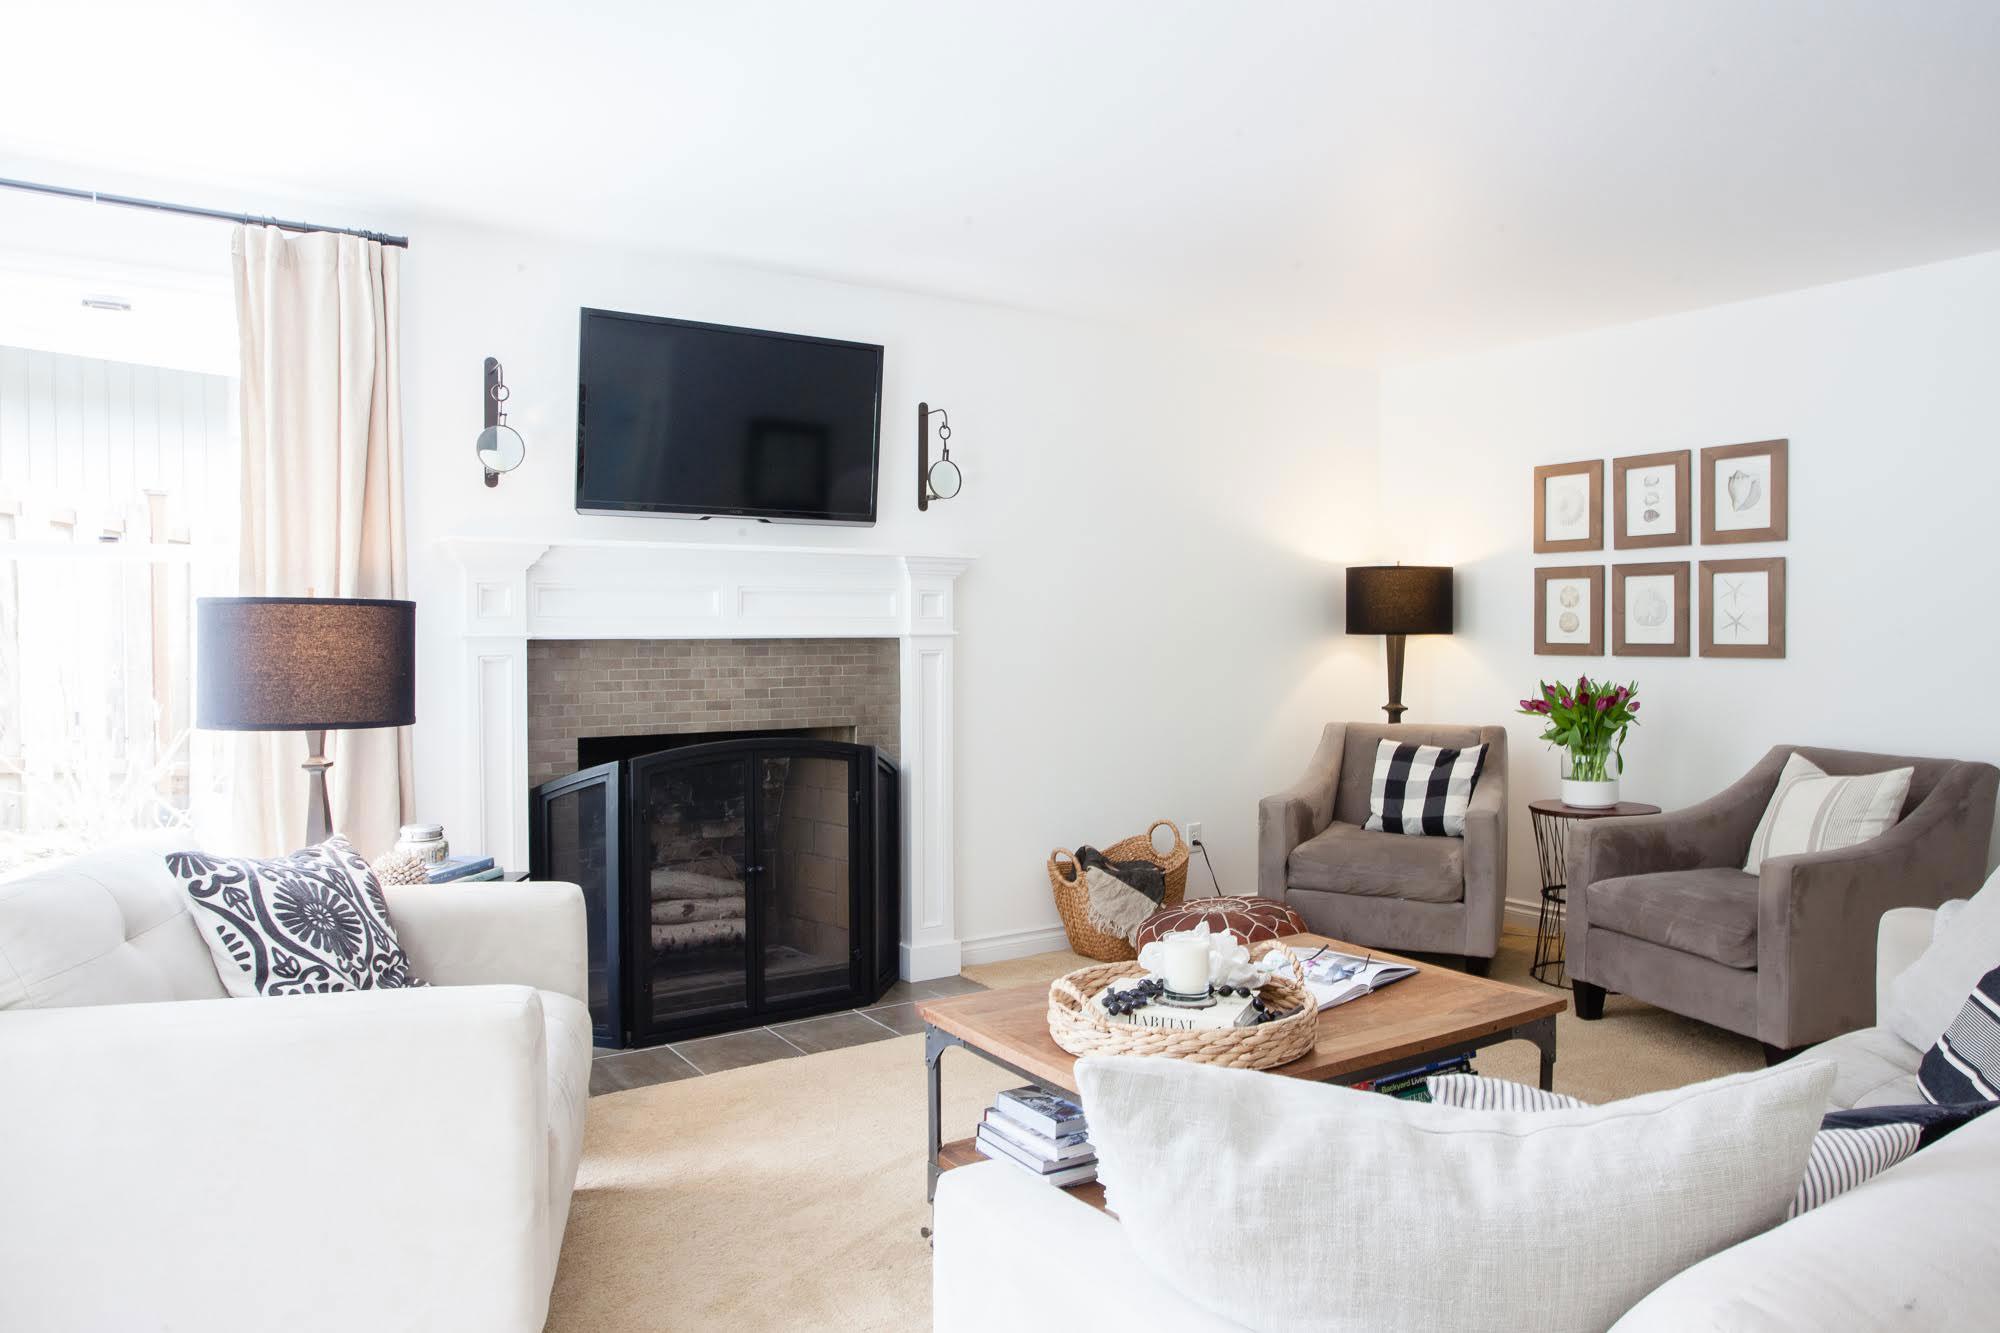 Stacey_Steward_Interior_Design_Living_Room4_Portfolio_2000x1333.jpg